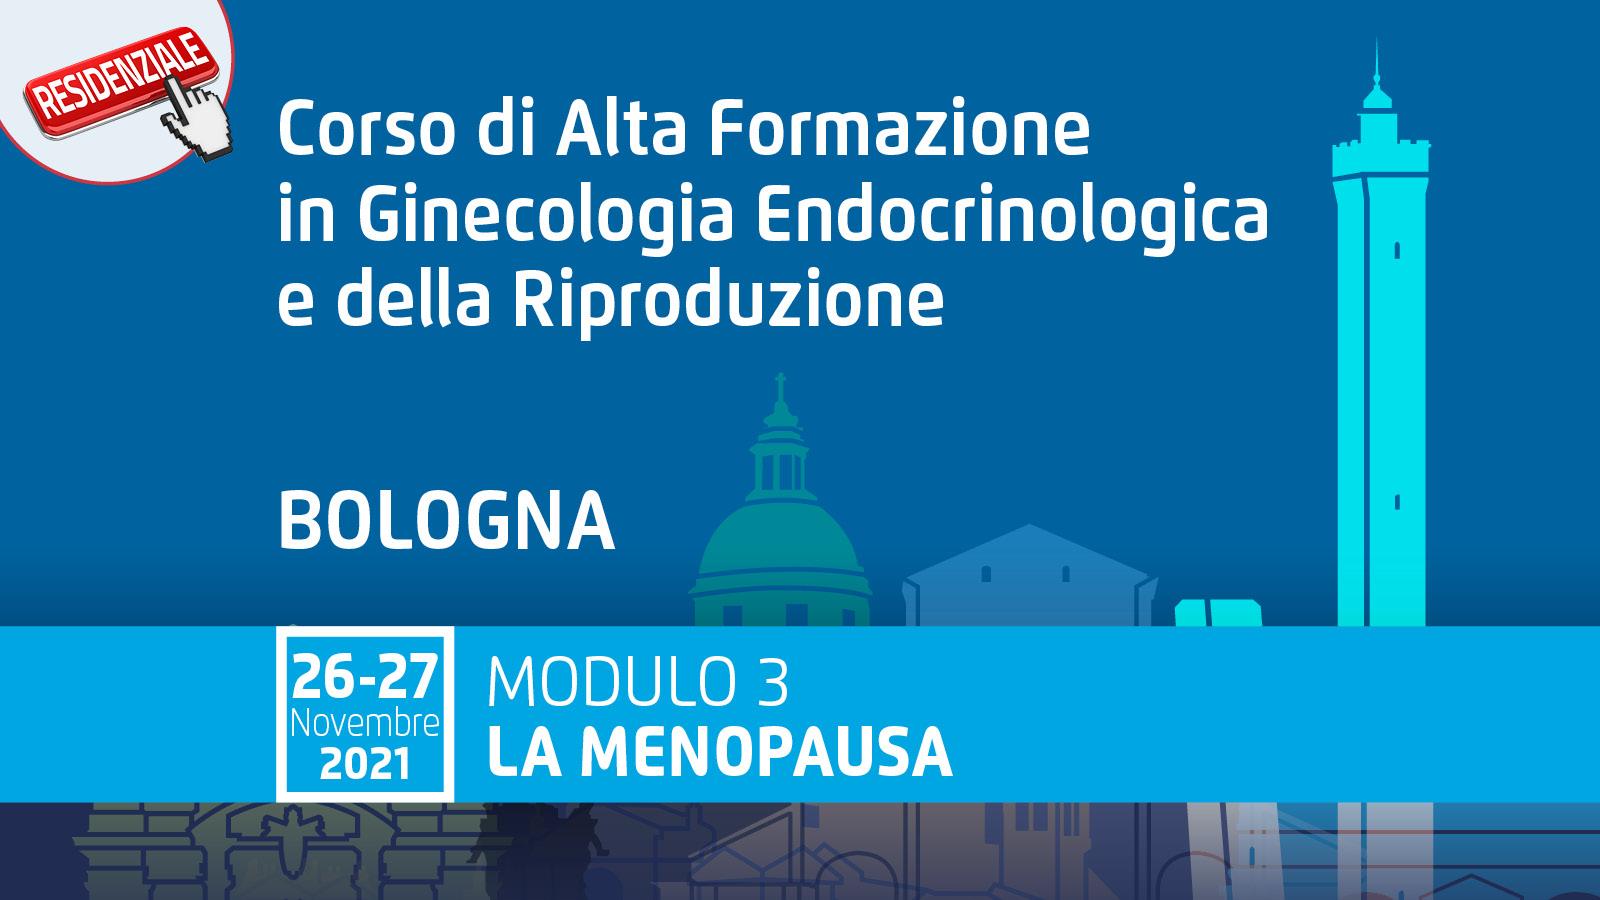 Corso di Alta Formazione in Ginecologia Endocrinologica e della Riproduzione. Modulo 3 LA MENOPAUSA